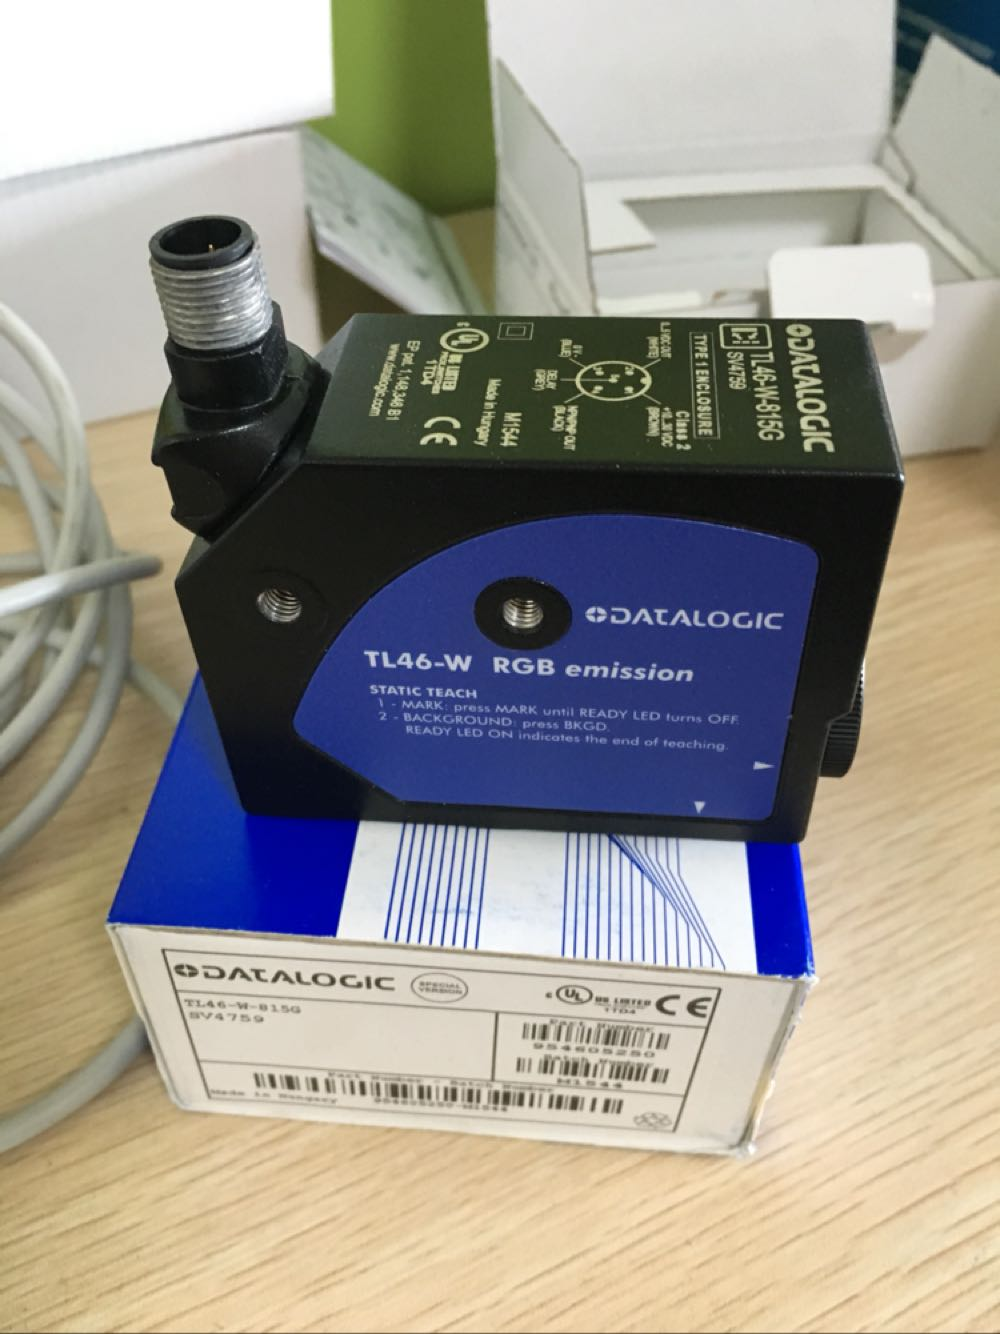 TL46-W-815G 컬러 마크 센서 가방 만들기 기계 100% 새로운 원본